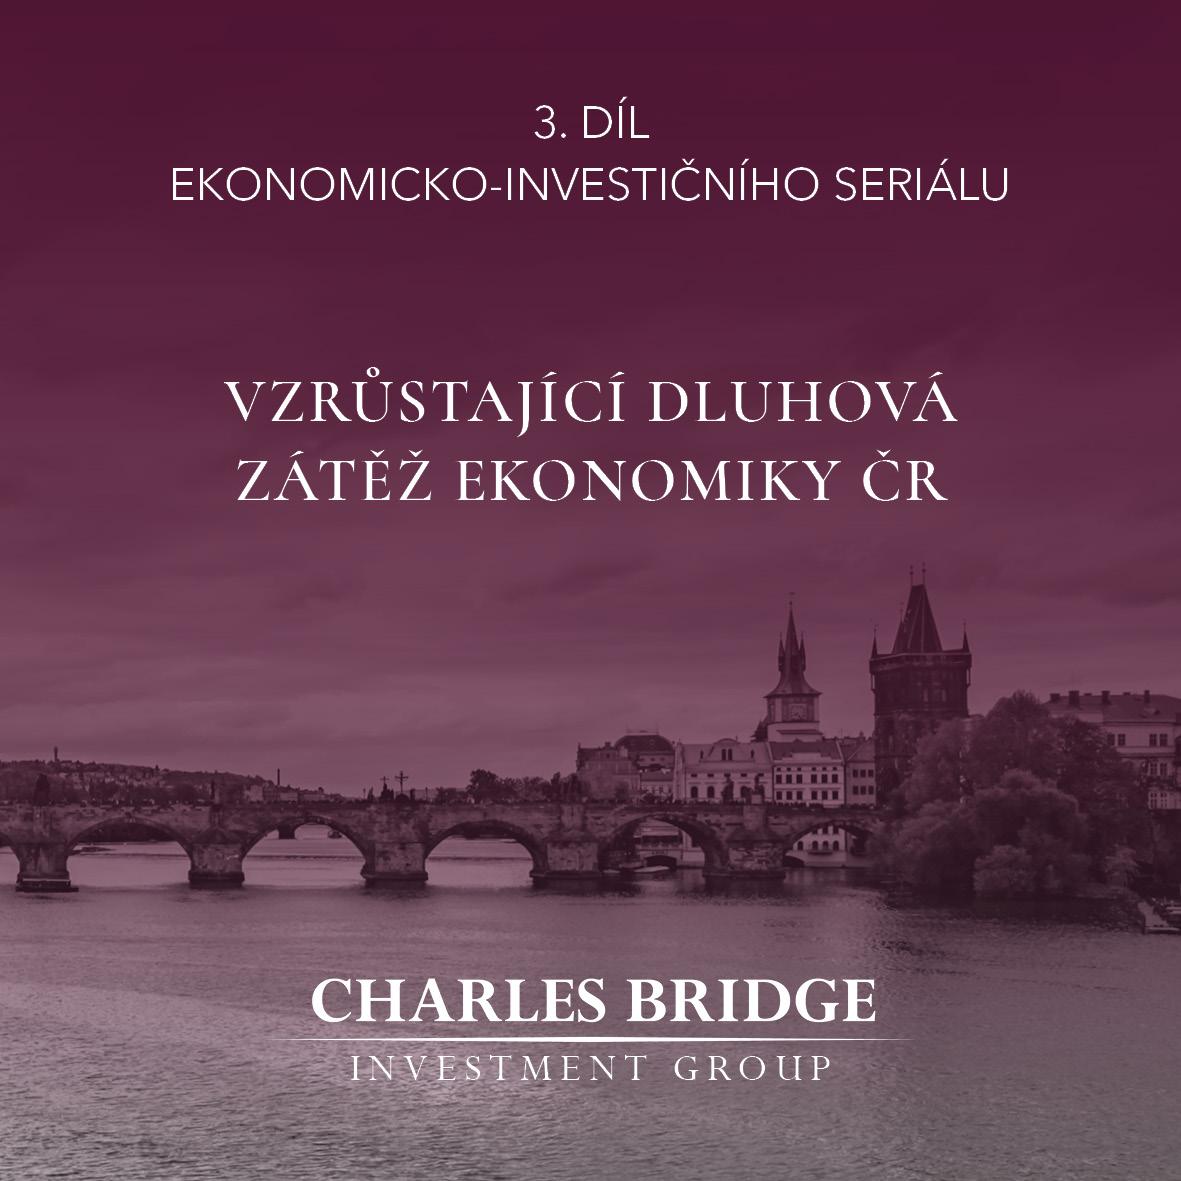 Vzrůstající dluhová zátěž ekonomiky ČR